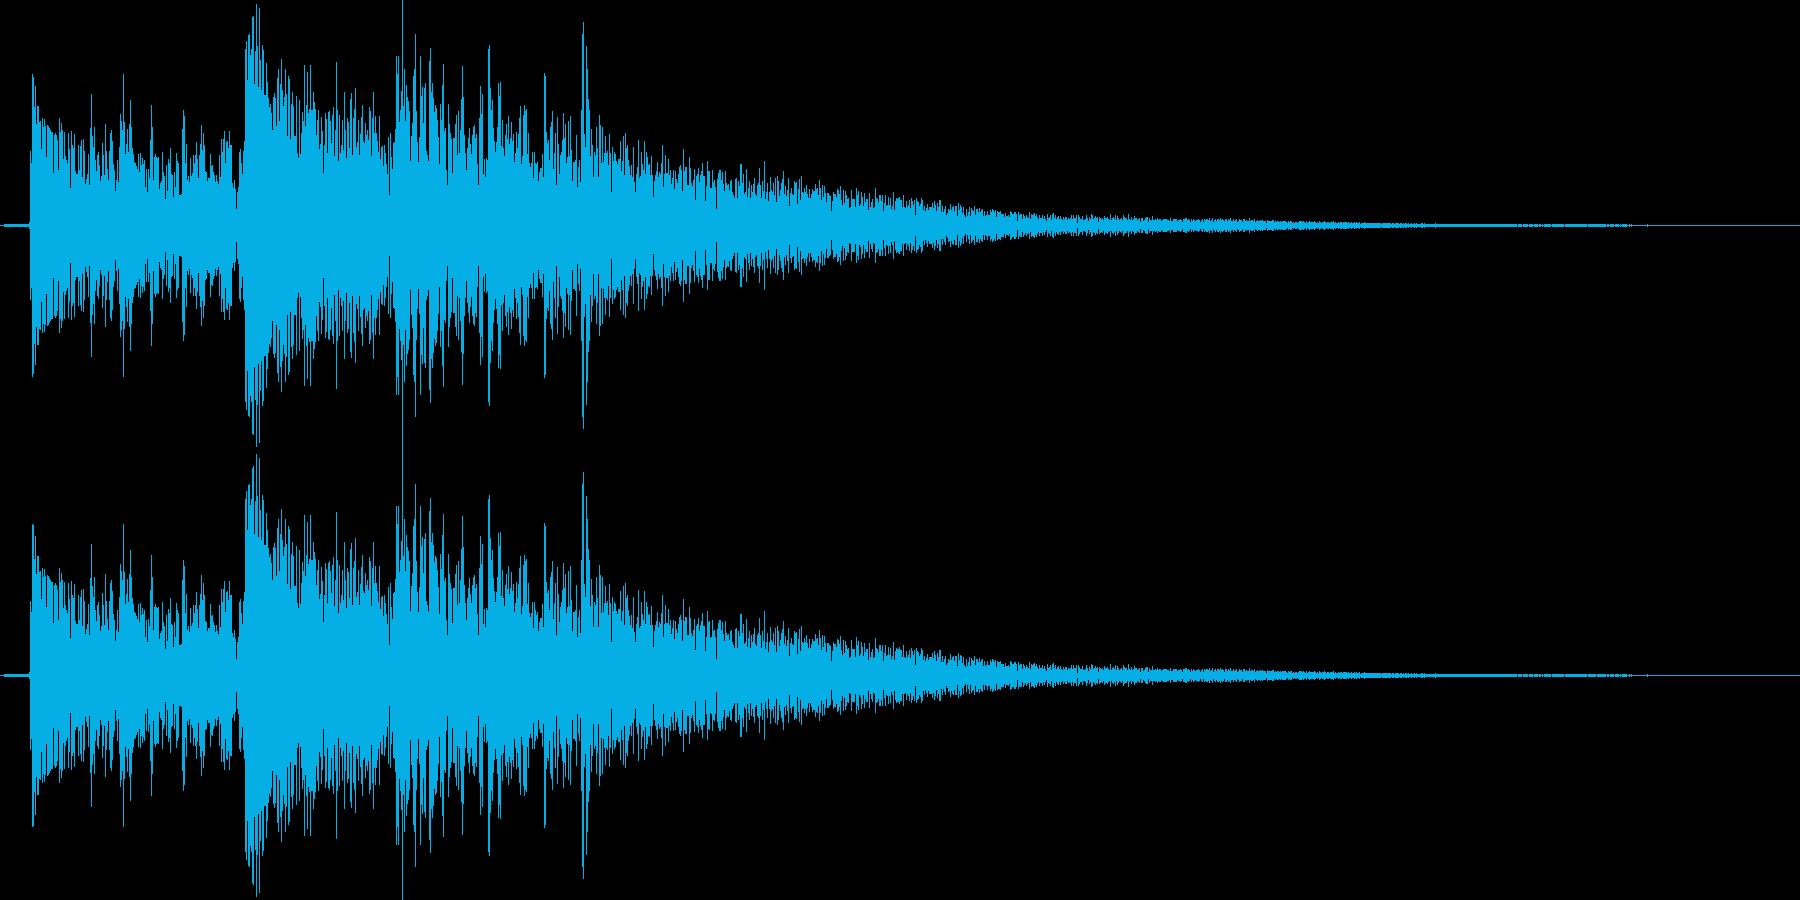 切ない雰囲気のアコギのジングル1の再生済みの波形